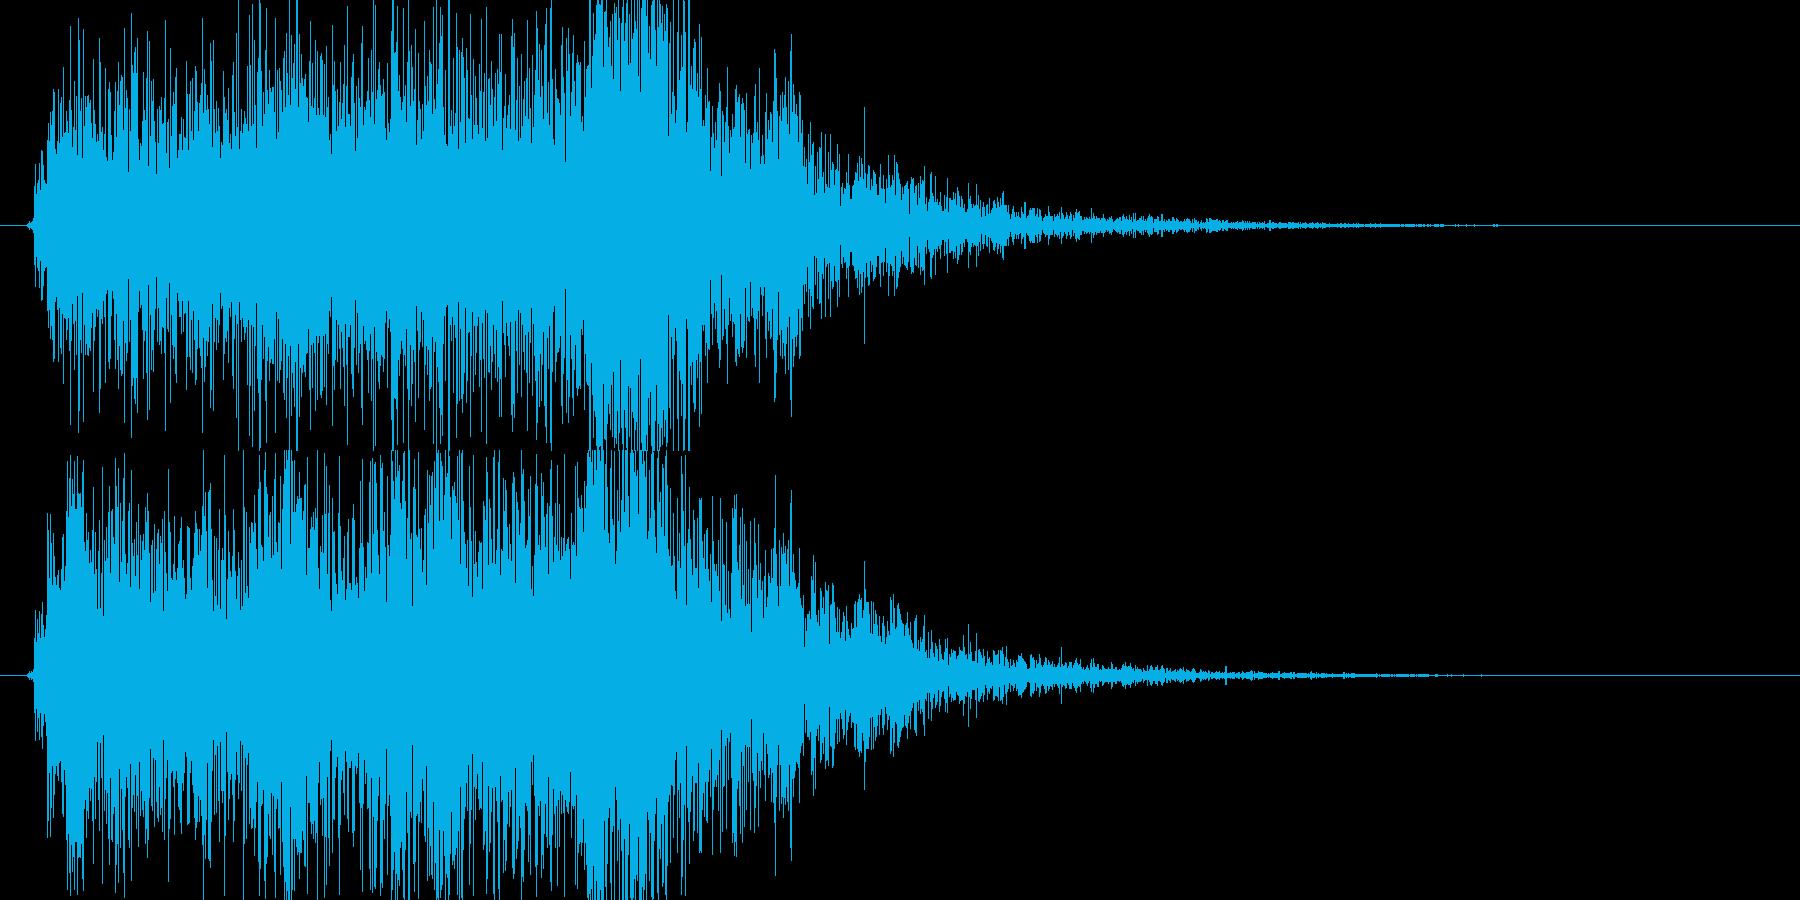 【ジングル】レベルアップ アプリ向けの再生済みの波形